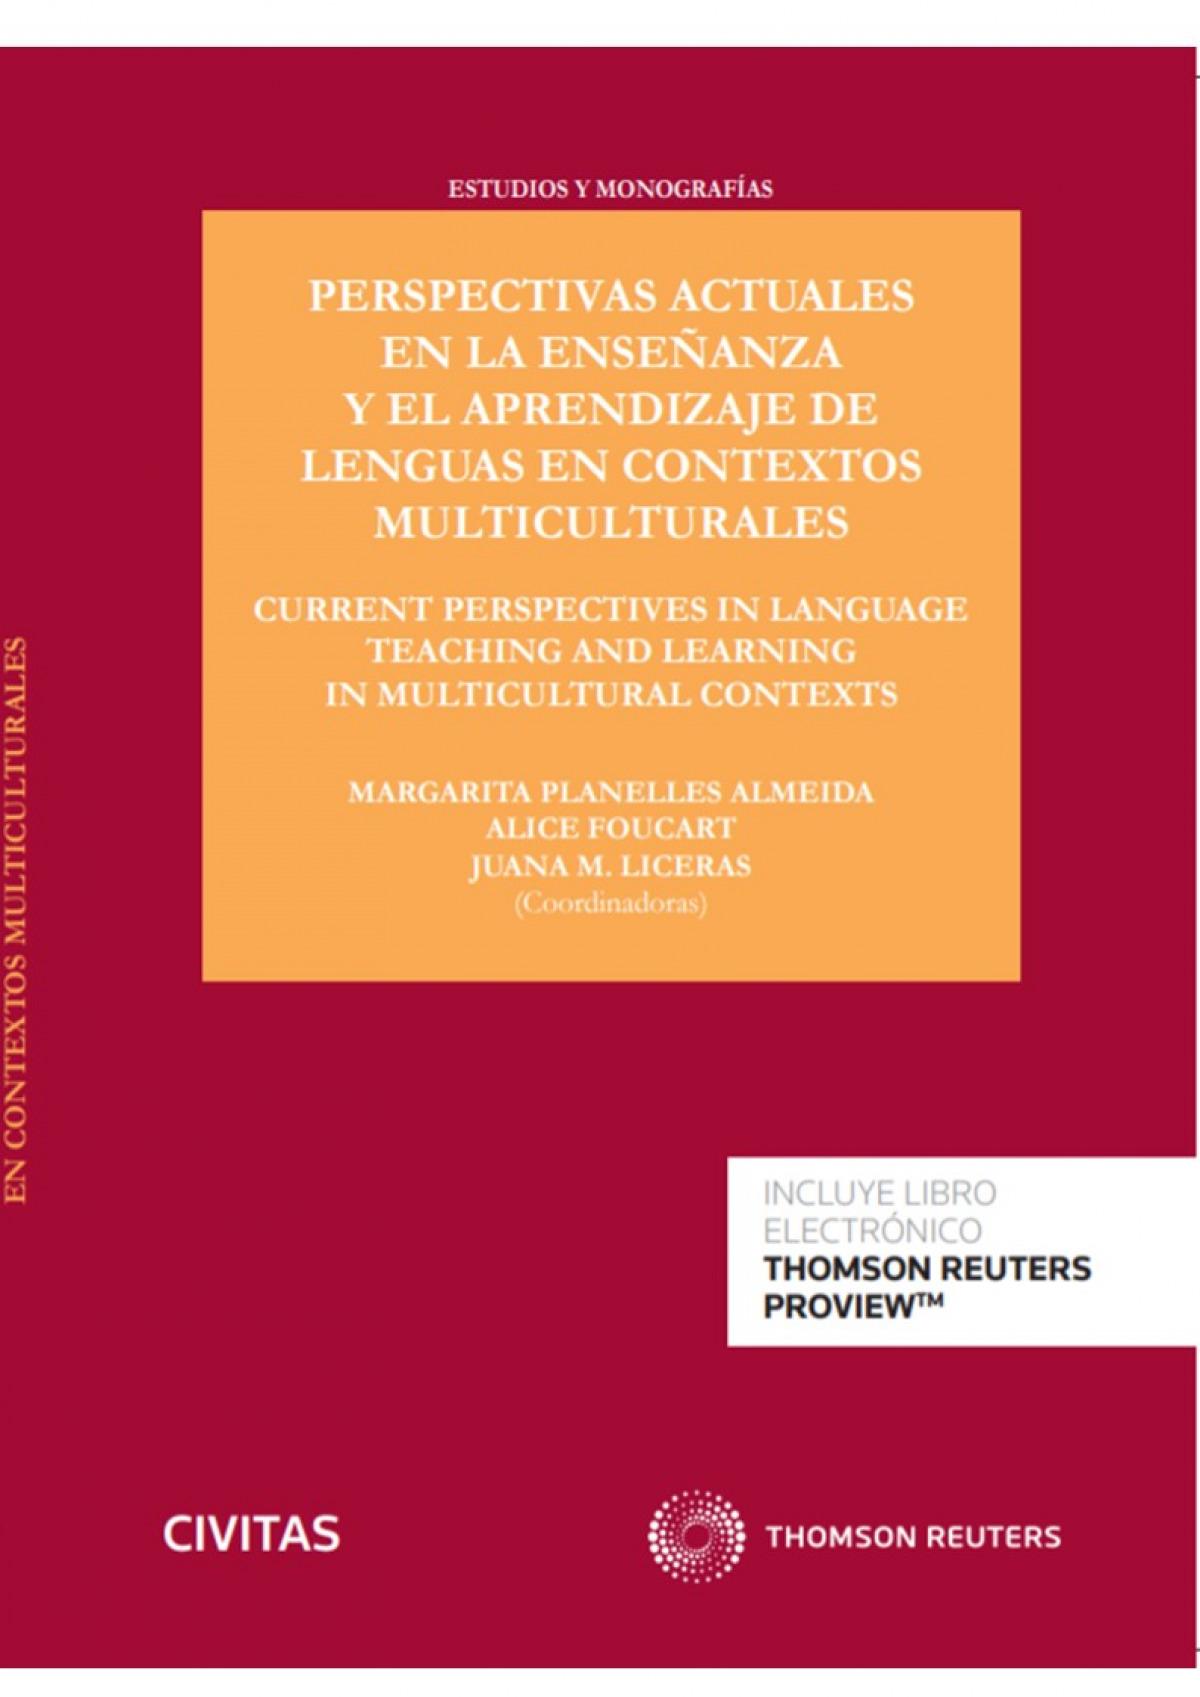 Perspectivas actuales en la enseñanza y el aprendizaje de lenguas en contextos multiculturale